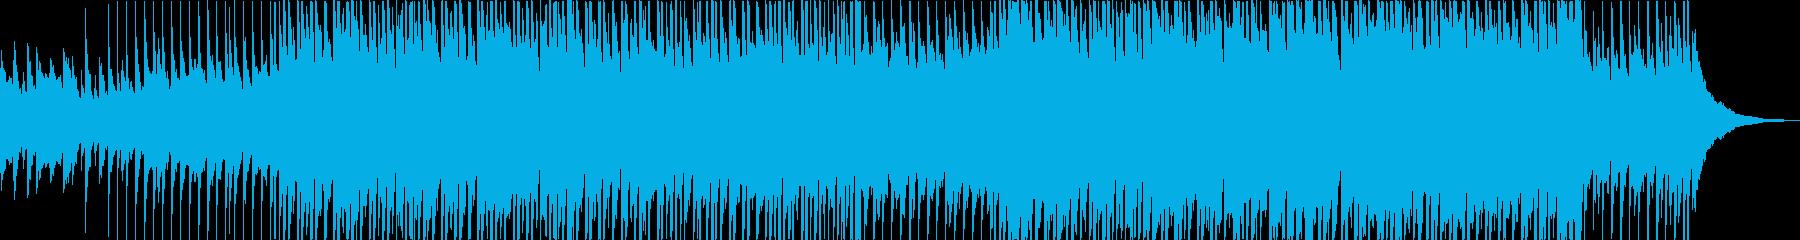 マリンバの可愛いアコースティックポップの再生済みの波形